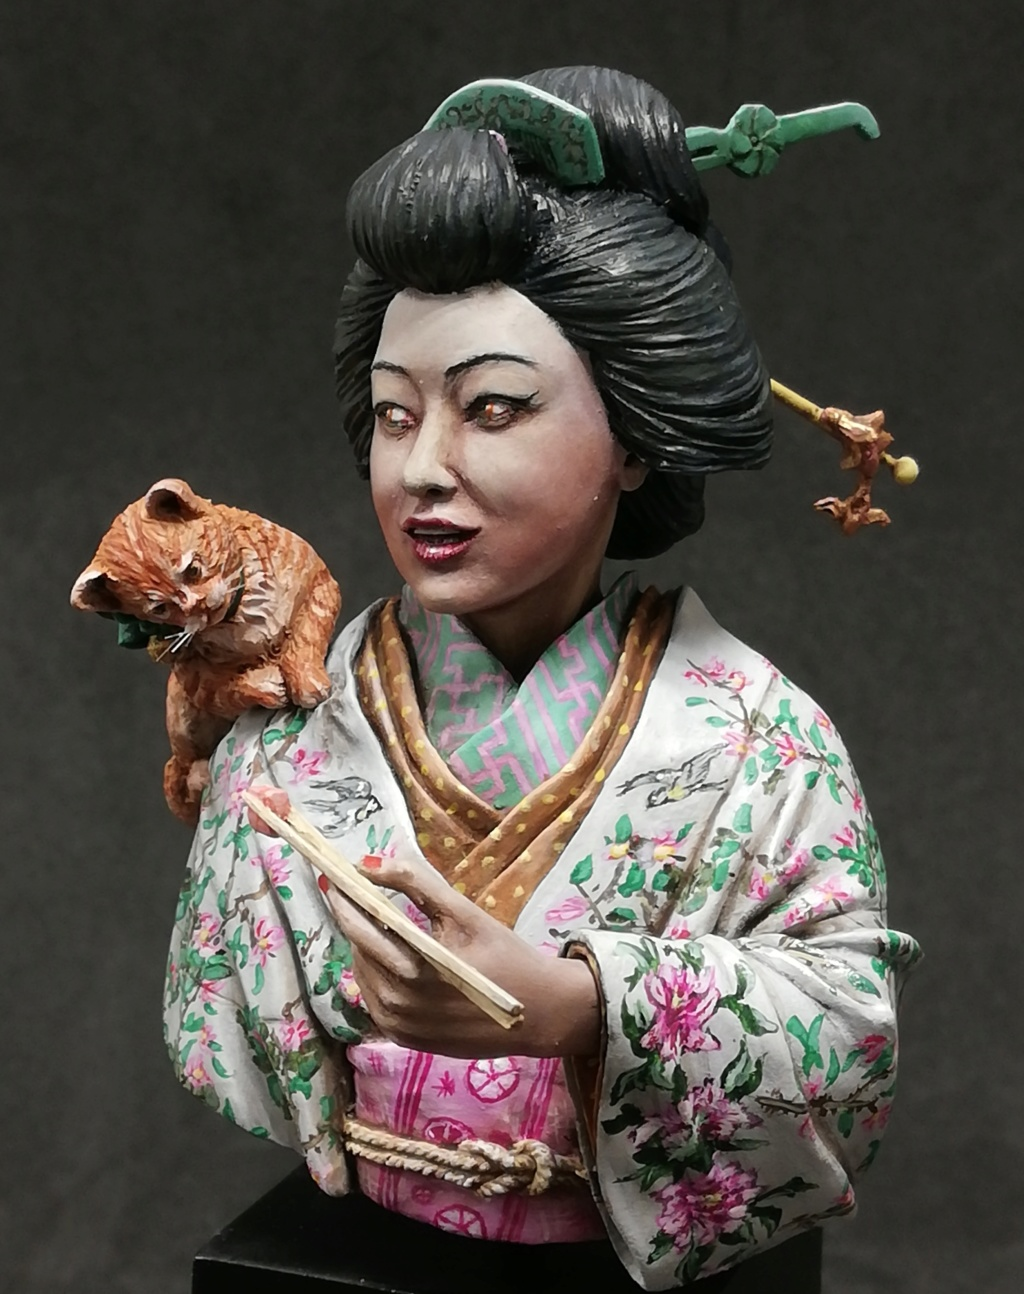 Buste de Geisha terminée - Dernières photos - Page 2 Geisha37